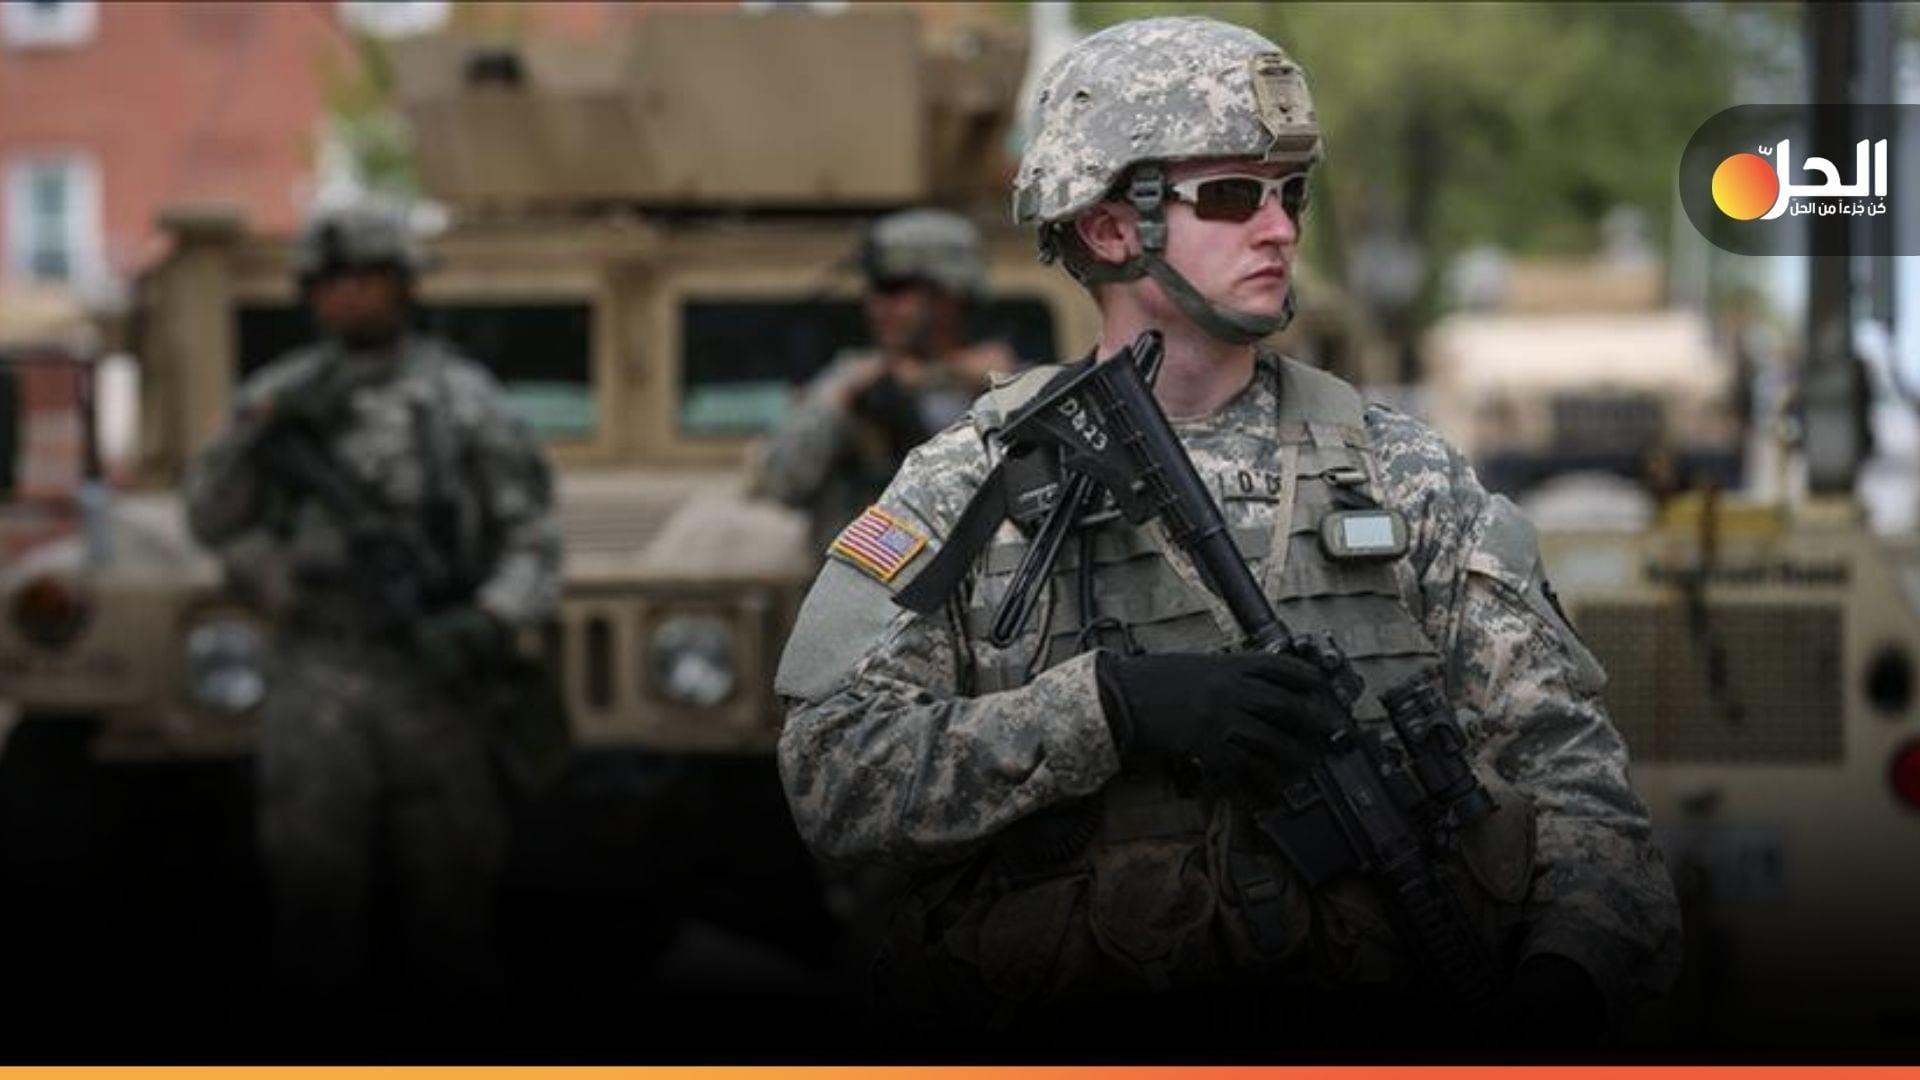 معهد واشنطن: تصويت البرلمان العراقي على إخراج الأميركيين لم يكن شرعياً